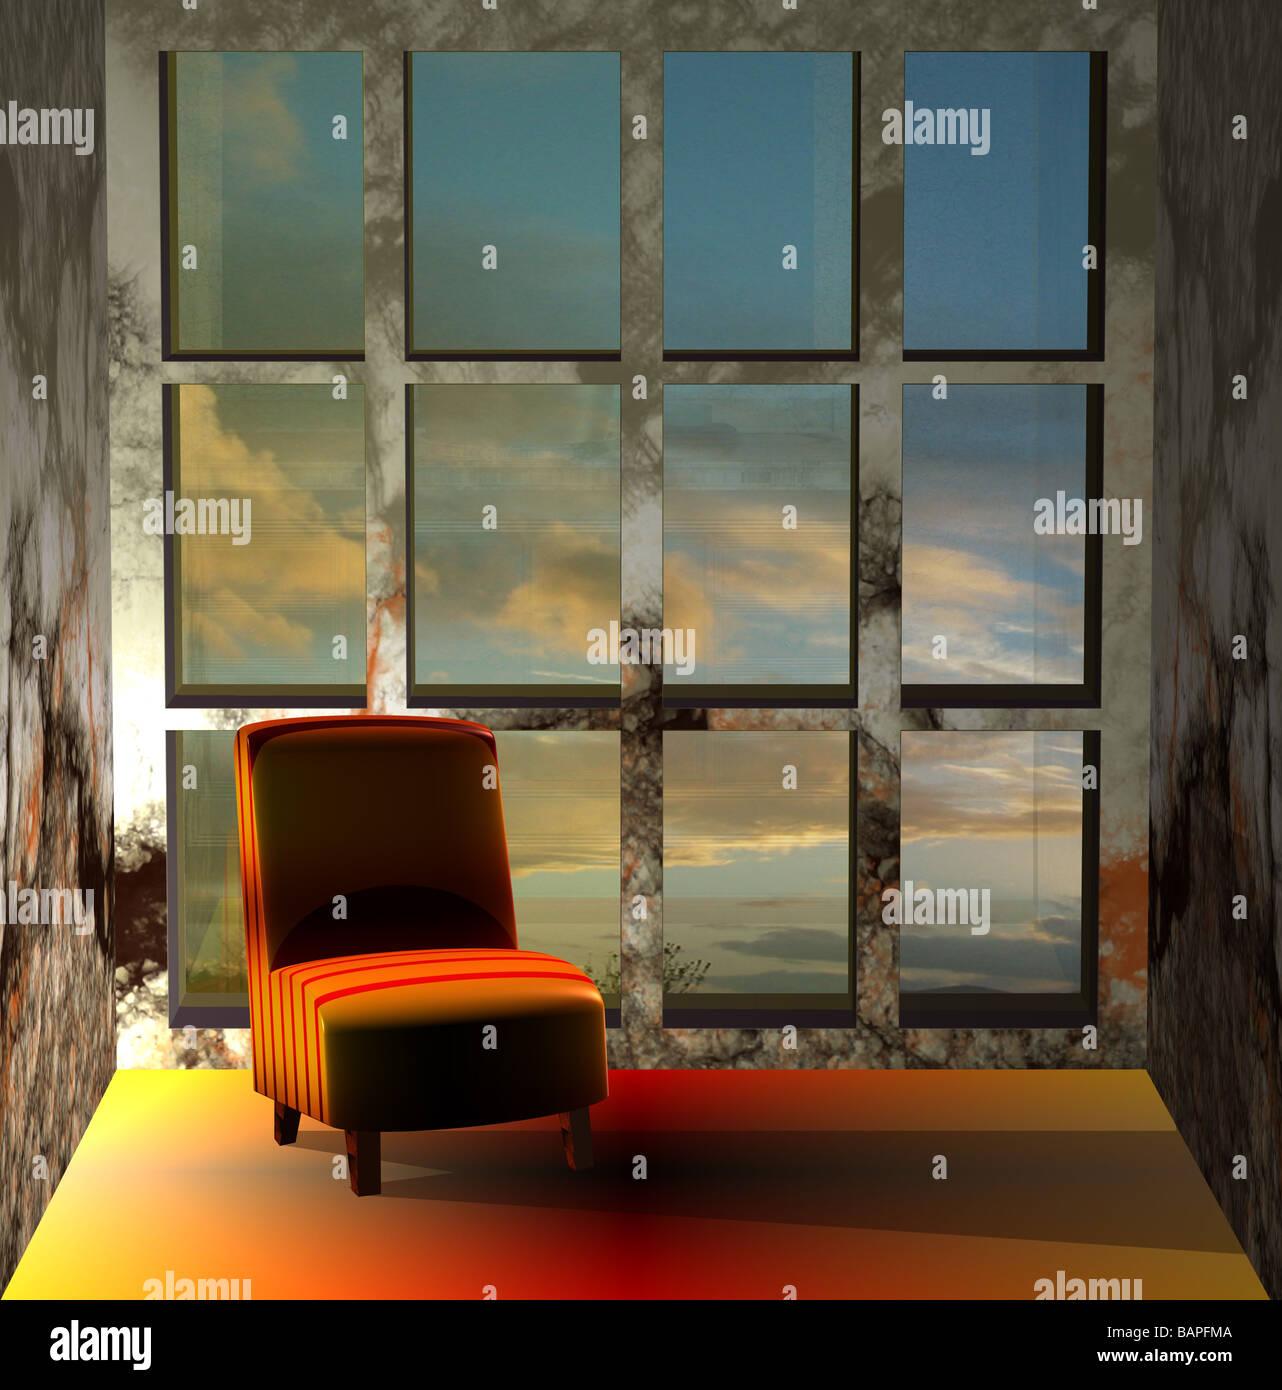 Ein 3D von einem Sofa in einer einsamen Zimmer Umgebung Darstellung Lonliness, Zeit-Passage, Erinnerungen und Nostalgie Stockbild